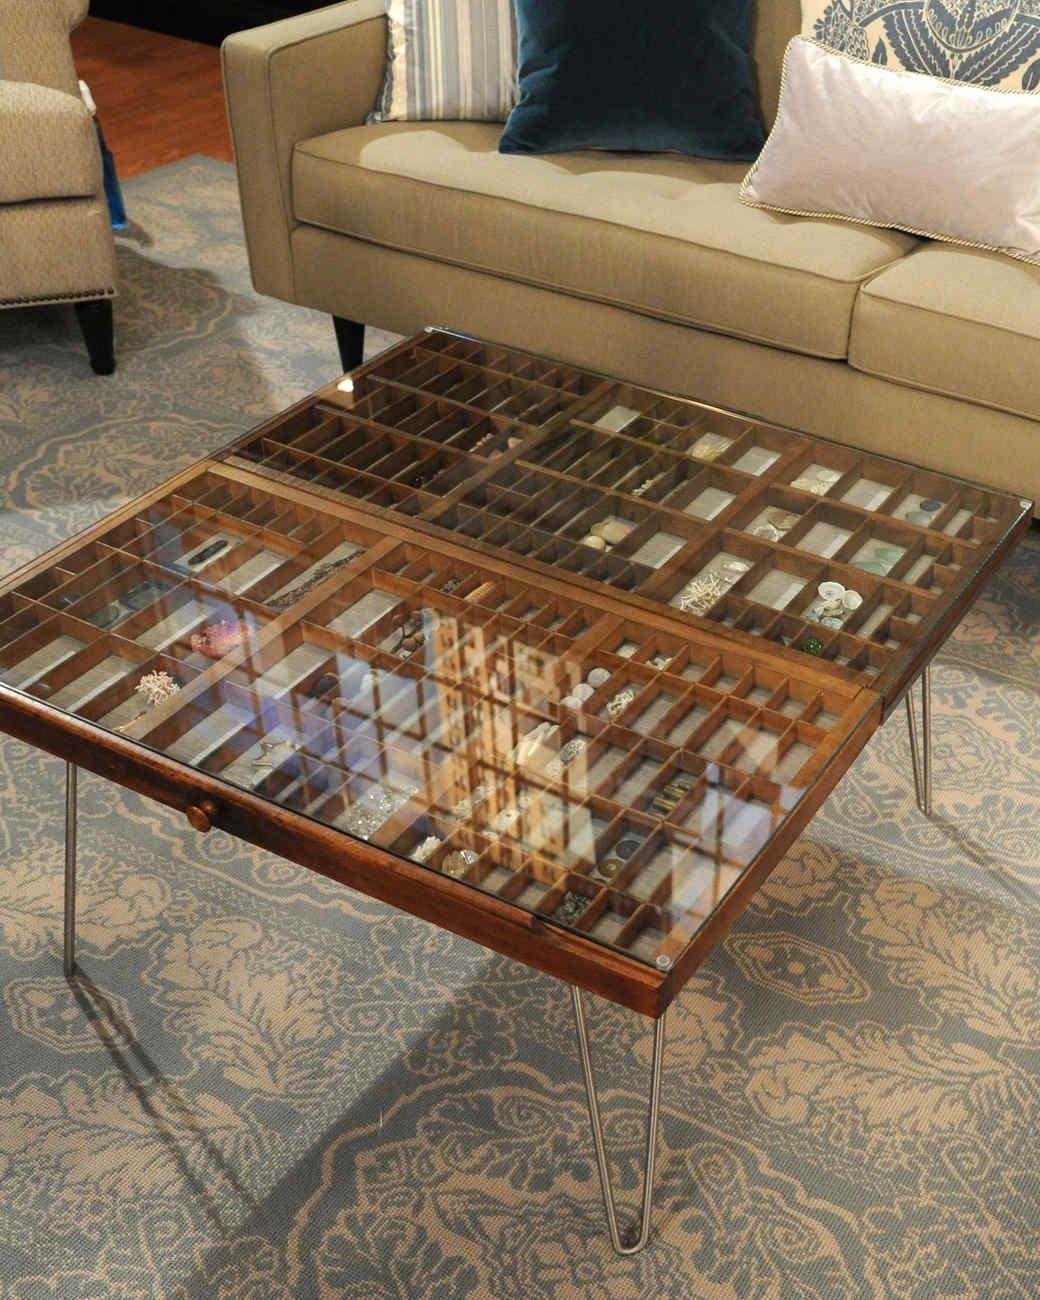 Model Home Furniture Outlet: Letterpress Drawer, Printers Drawer